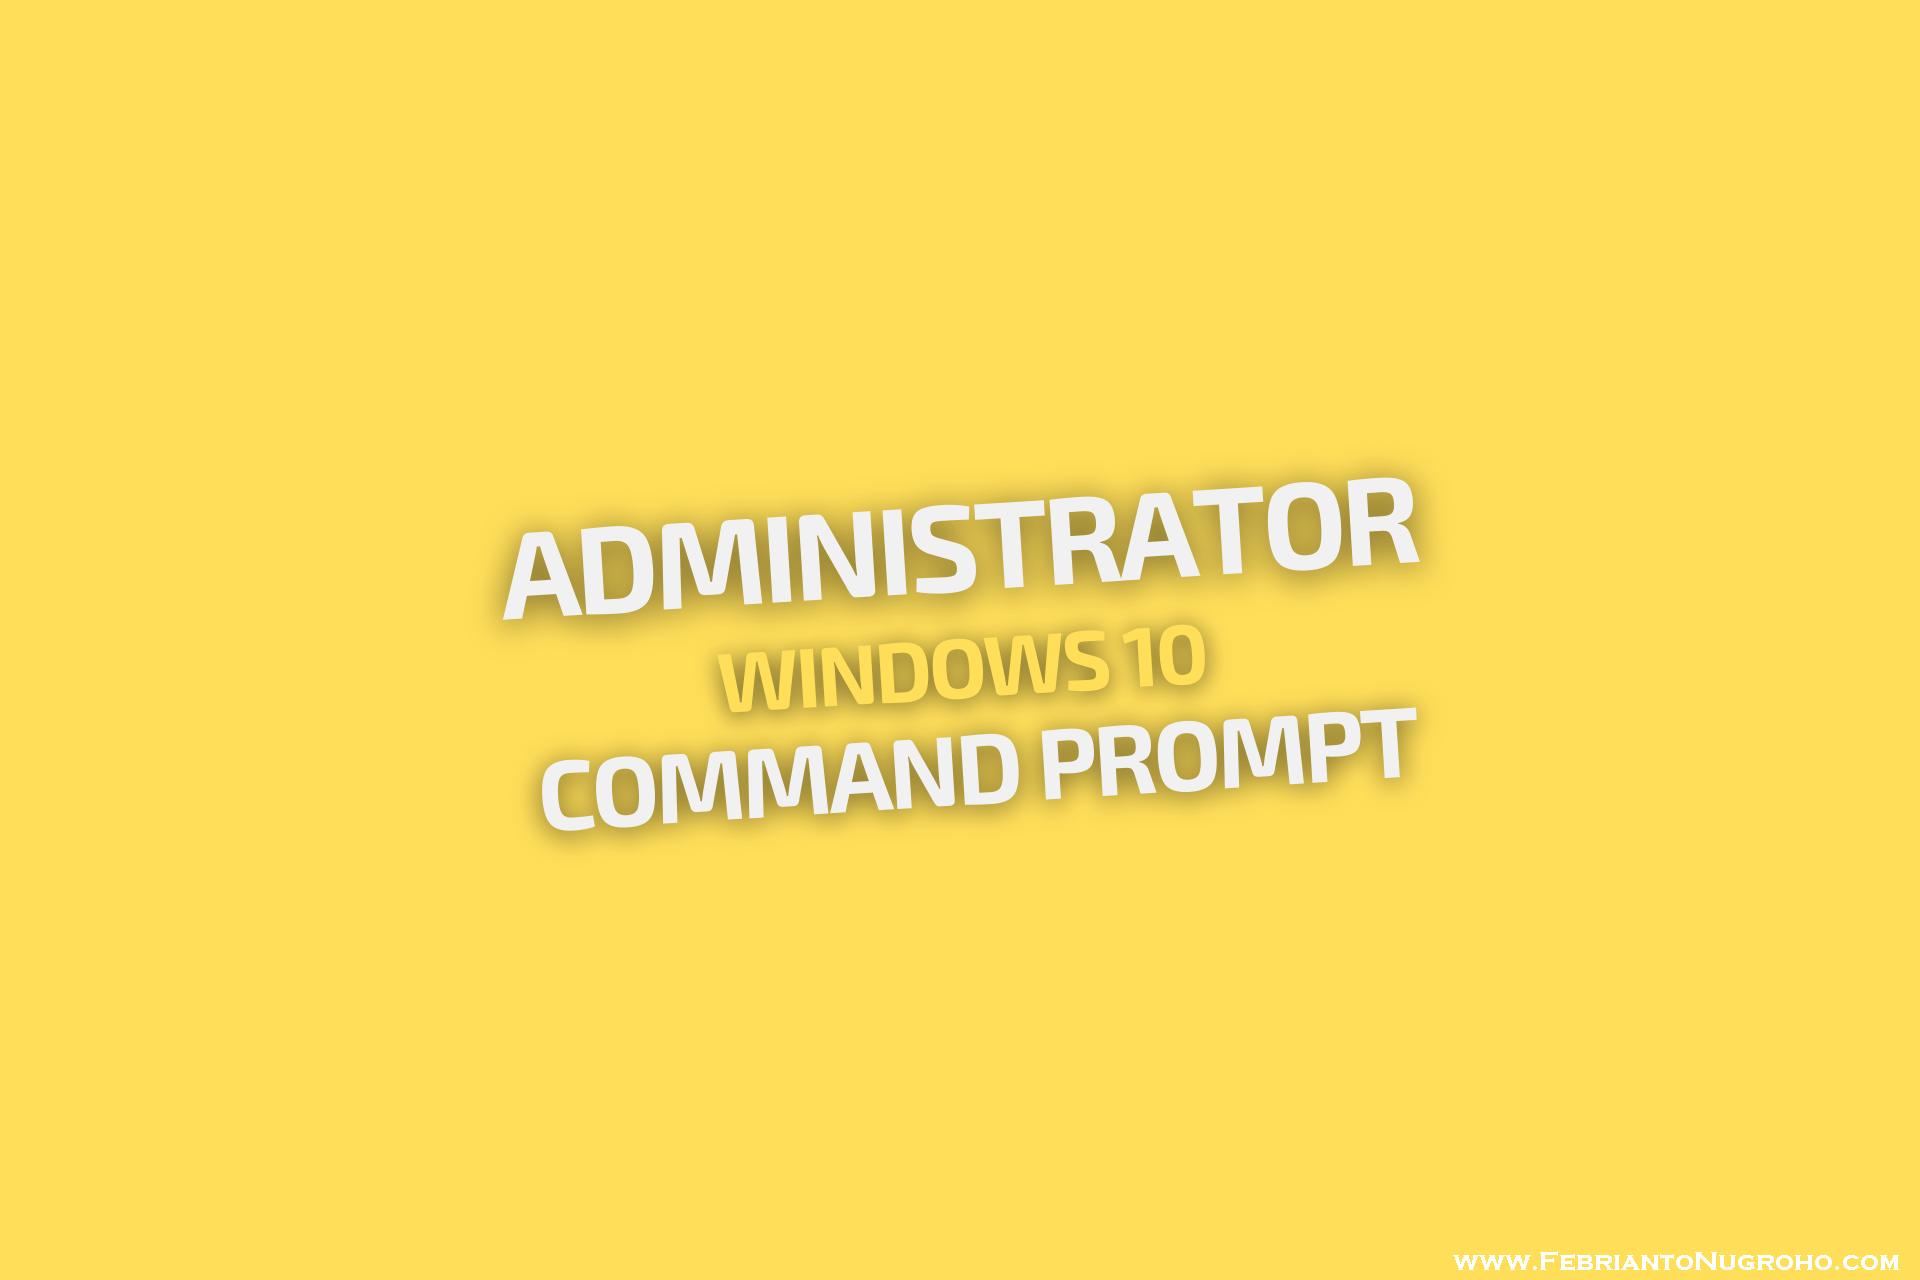 Mengaktifkan Administrator di Windows 10 via Command Prompt